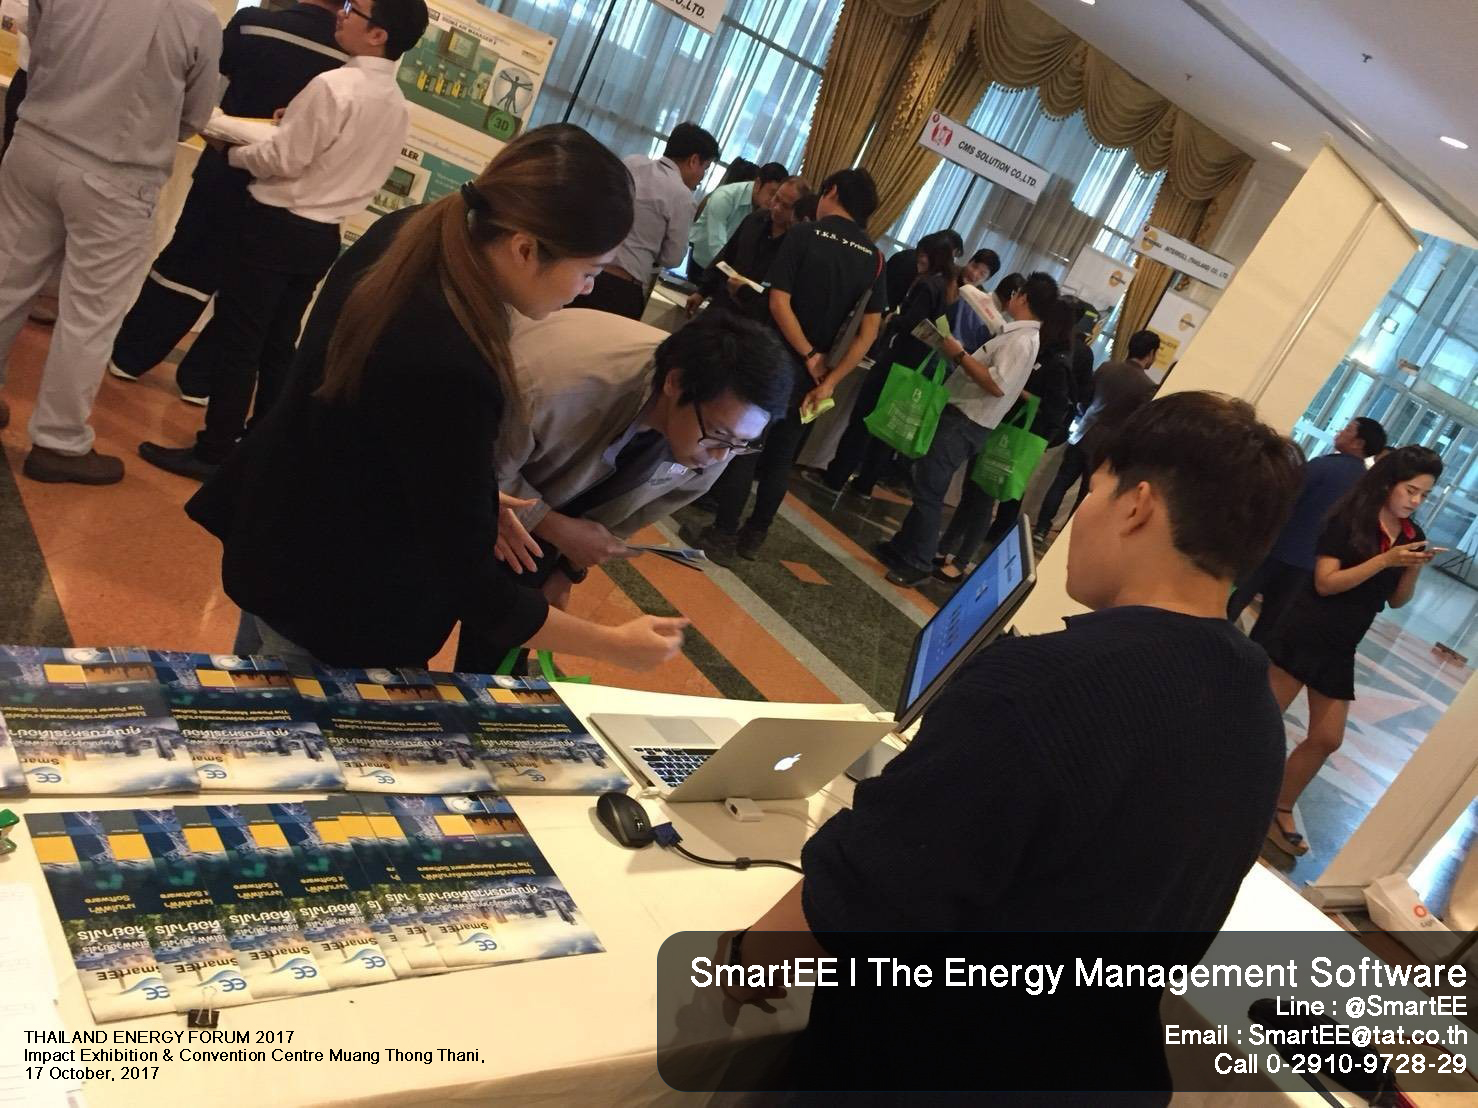 กลุ่มผู้เชี่ยวชาญการใช้โปรแกรมบริหารจัดการพลังงาน SmartEE Software